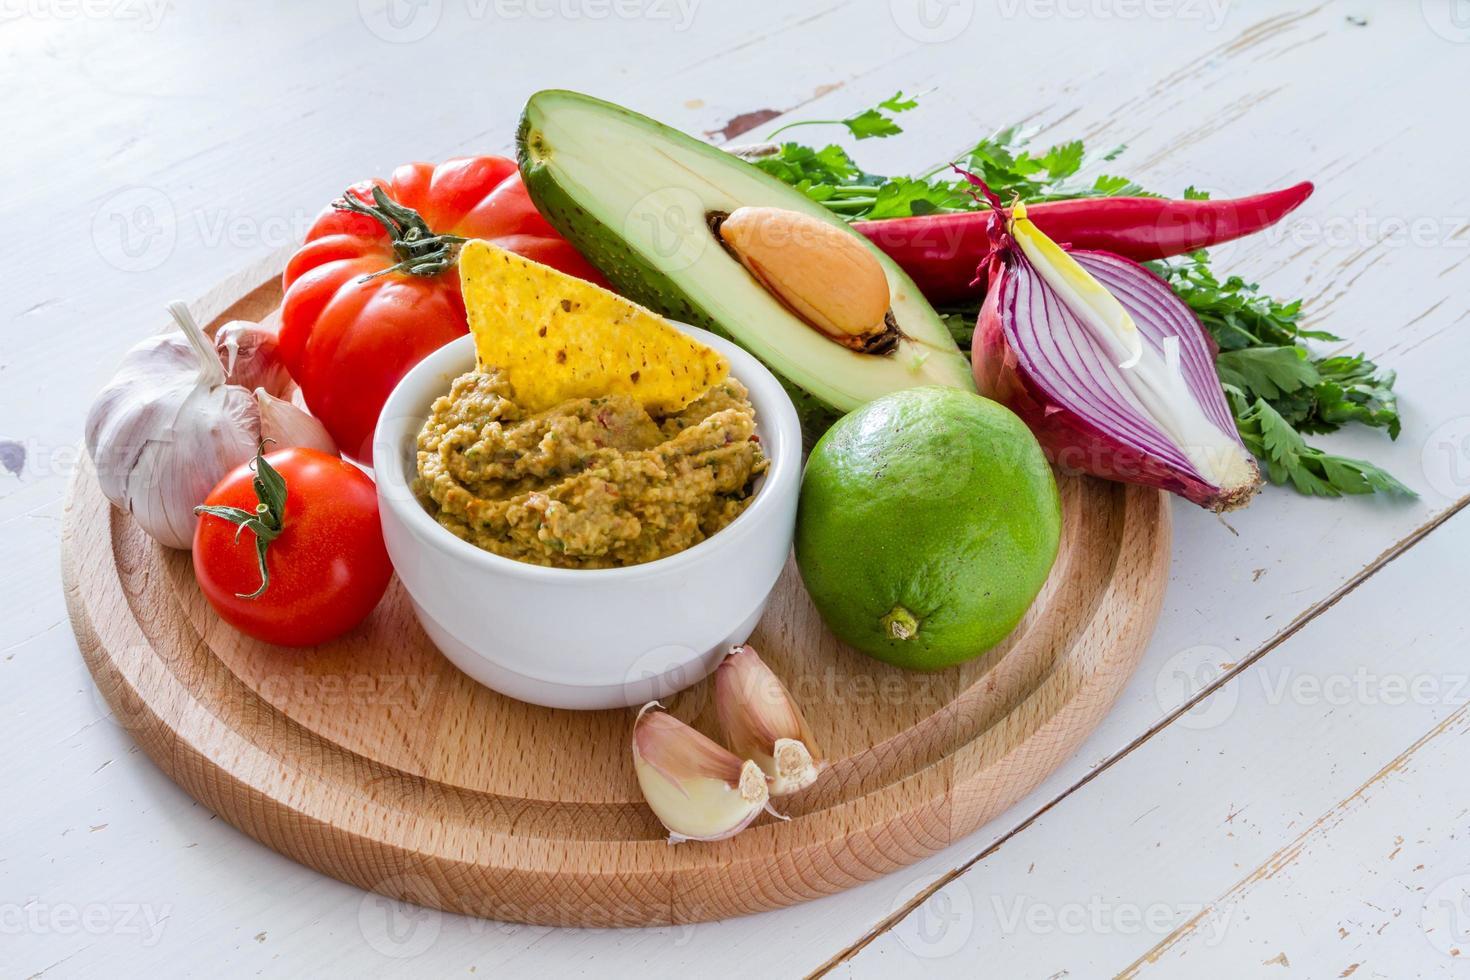 Guacamole und Zutaten - Avocado, Tomaten, Zwiebeln, Knoblauch, Limette foto